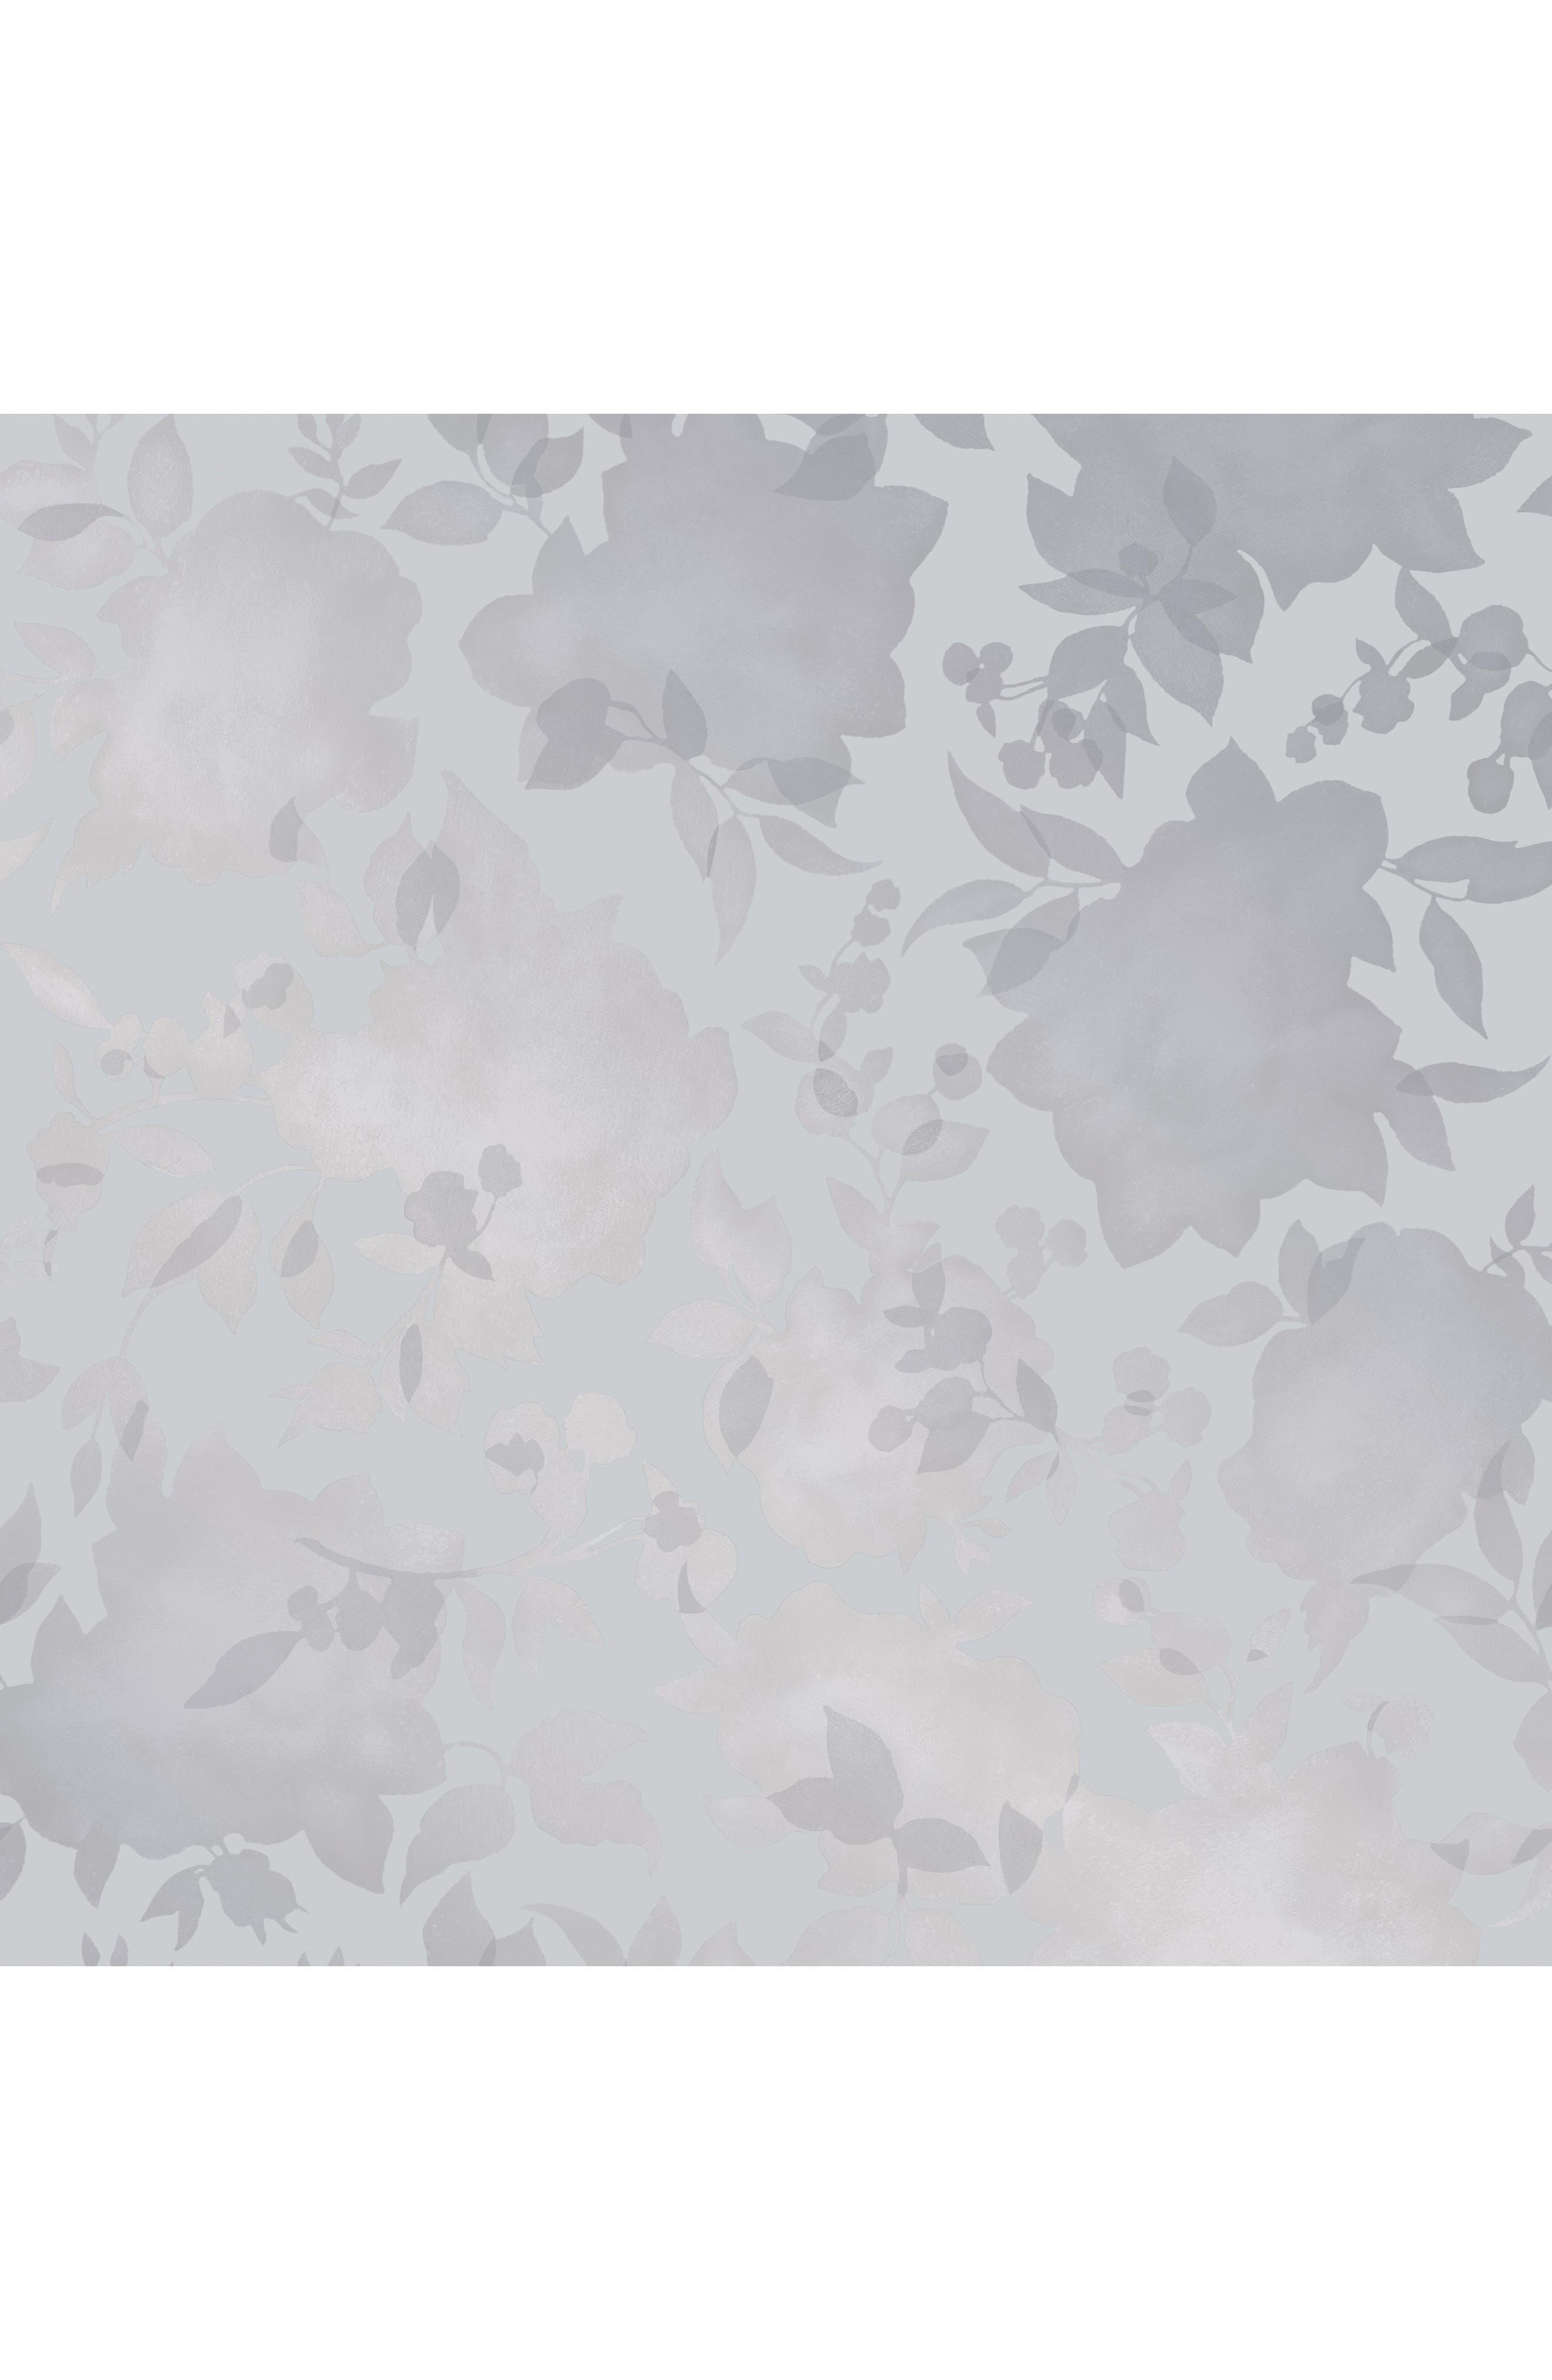 Silhouette Self-Adhesive Vinyl Wallpaper,                         Main,                         color,